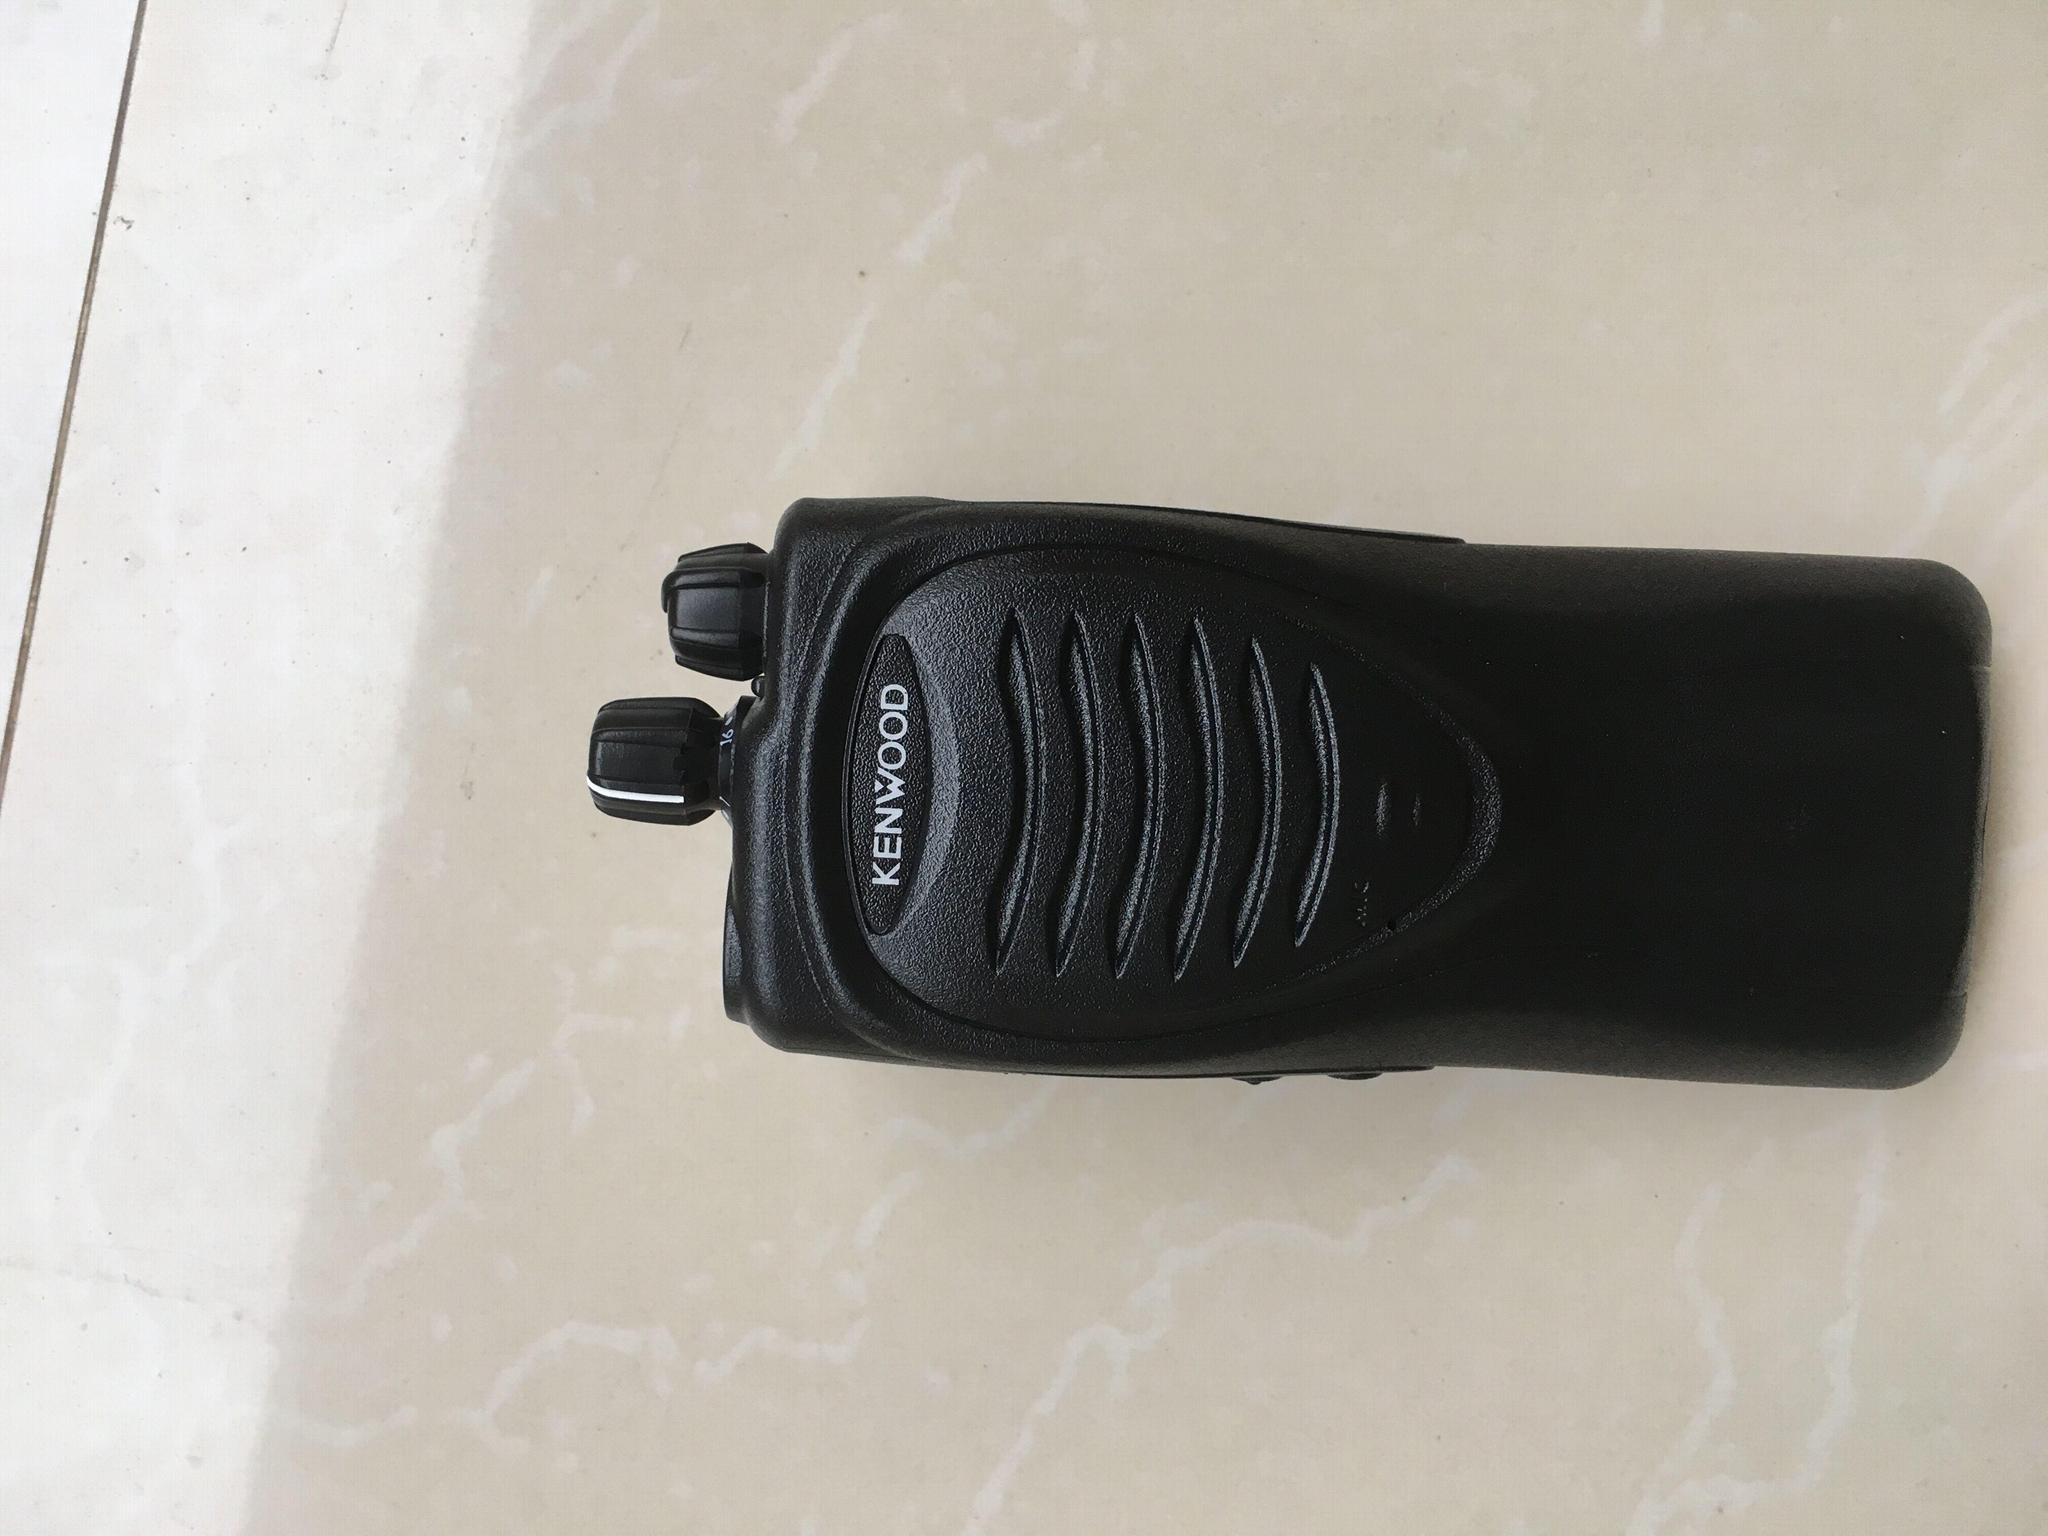 Kenwood TK2207 walkie talkie